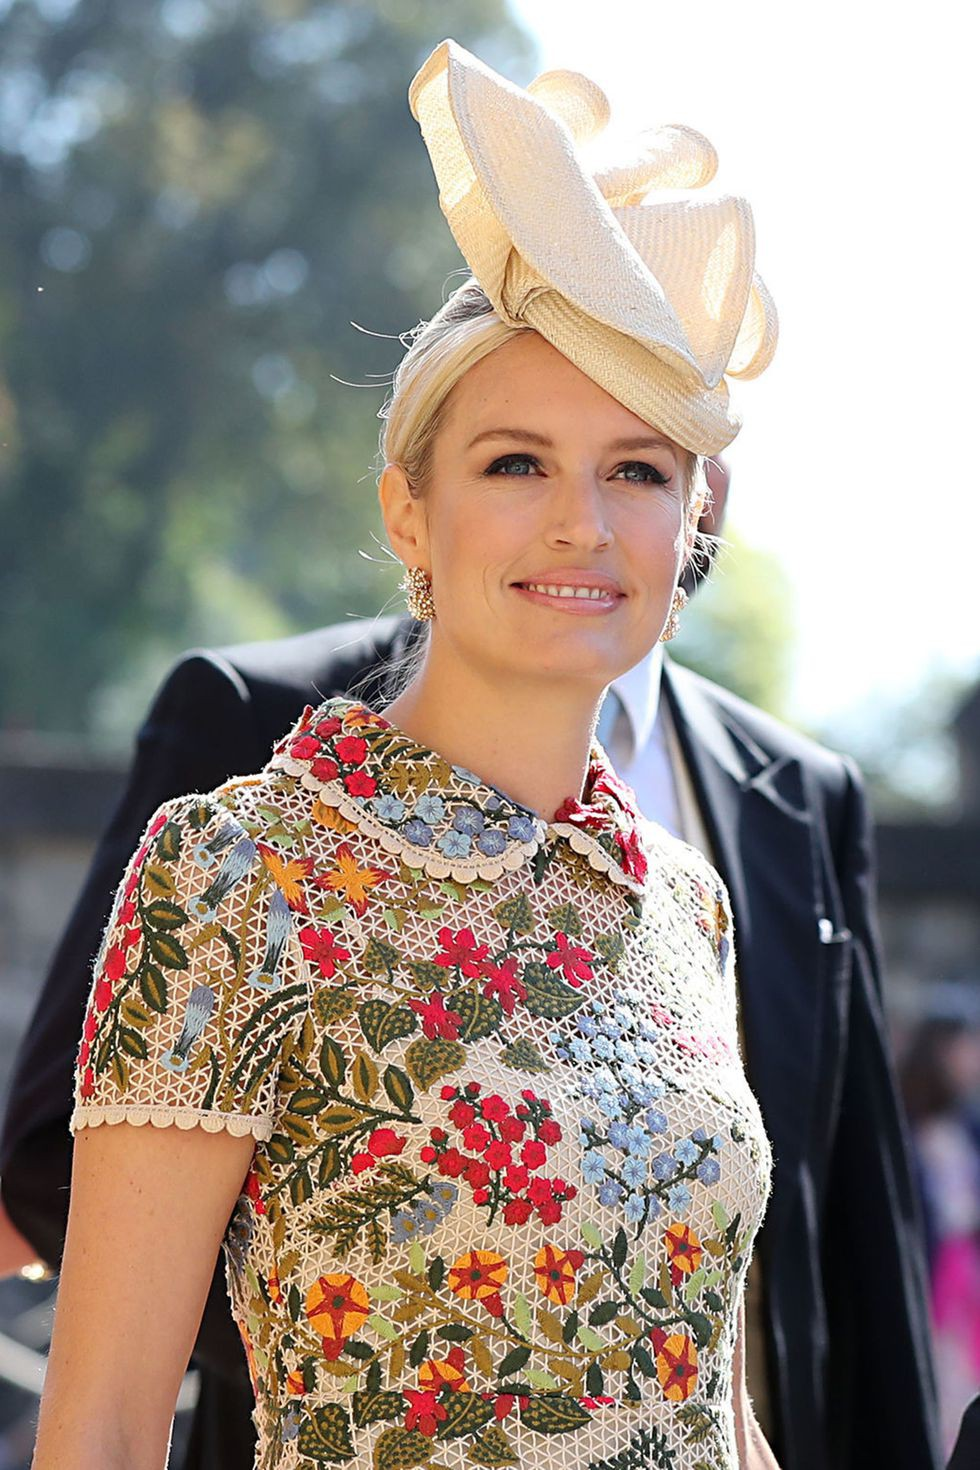 Ngắm thời trang tại đám cưới hoàng gia mà bỏ lỡ 15 chiếc mũ tinh xảo này thì bạn đã bỏ qua đặc sản rồi - Ảnh 12.